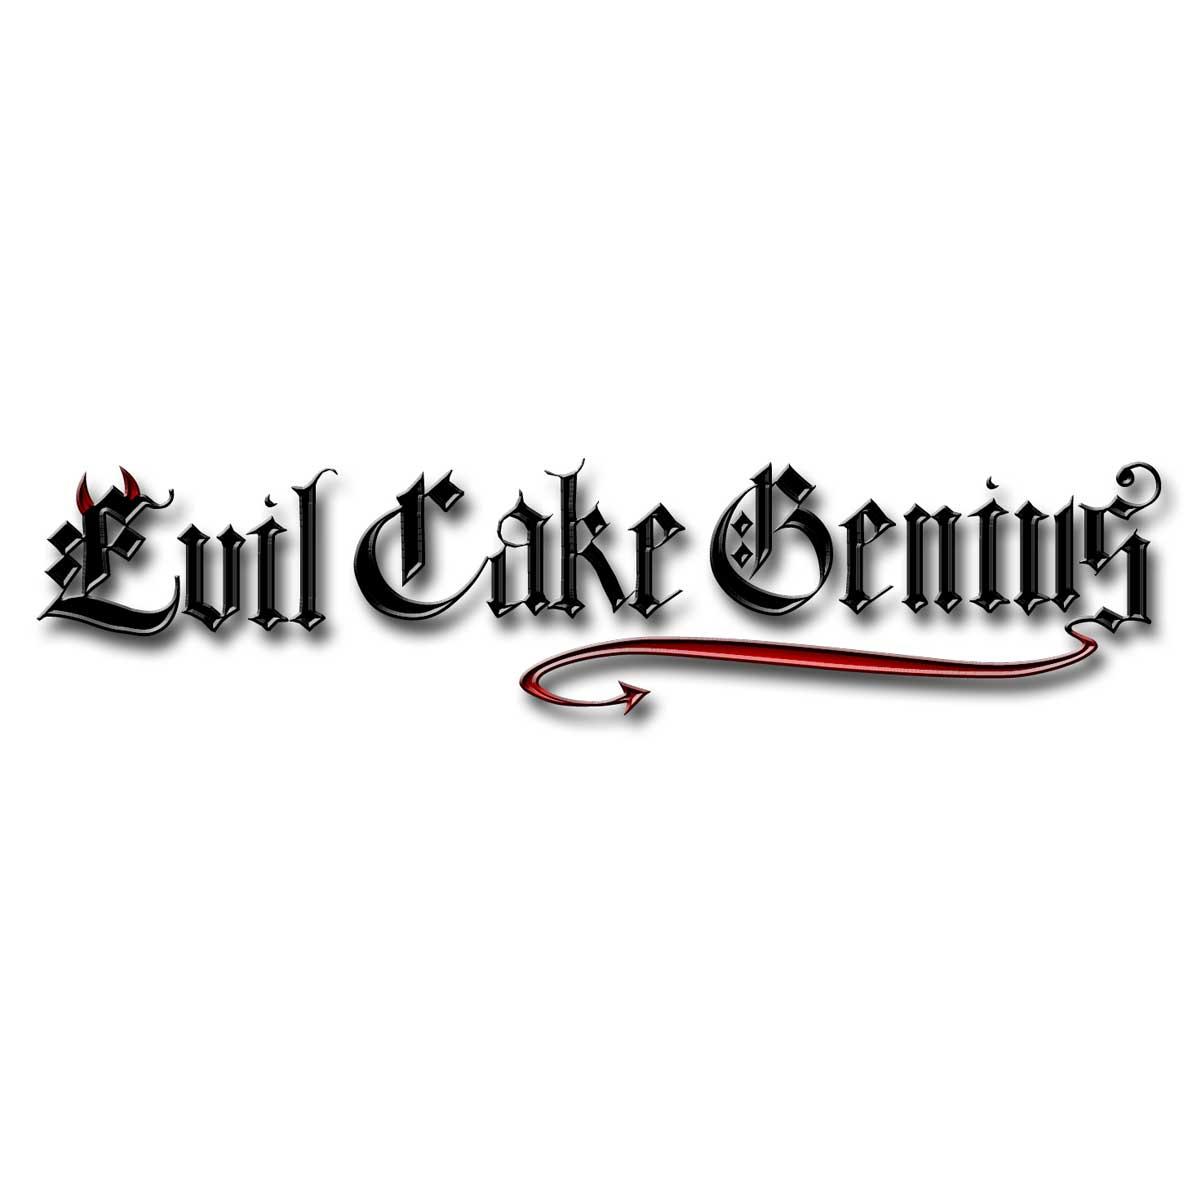 Evil Cake Genius - Evil Cake Genius